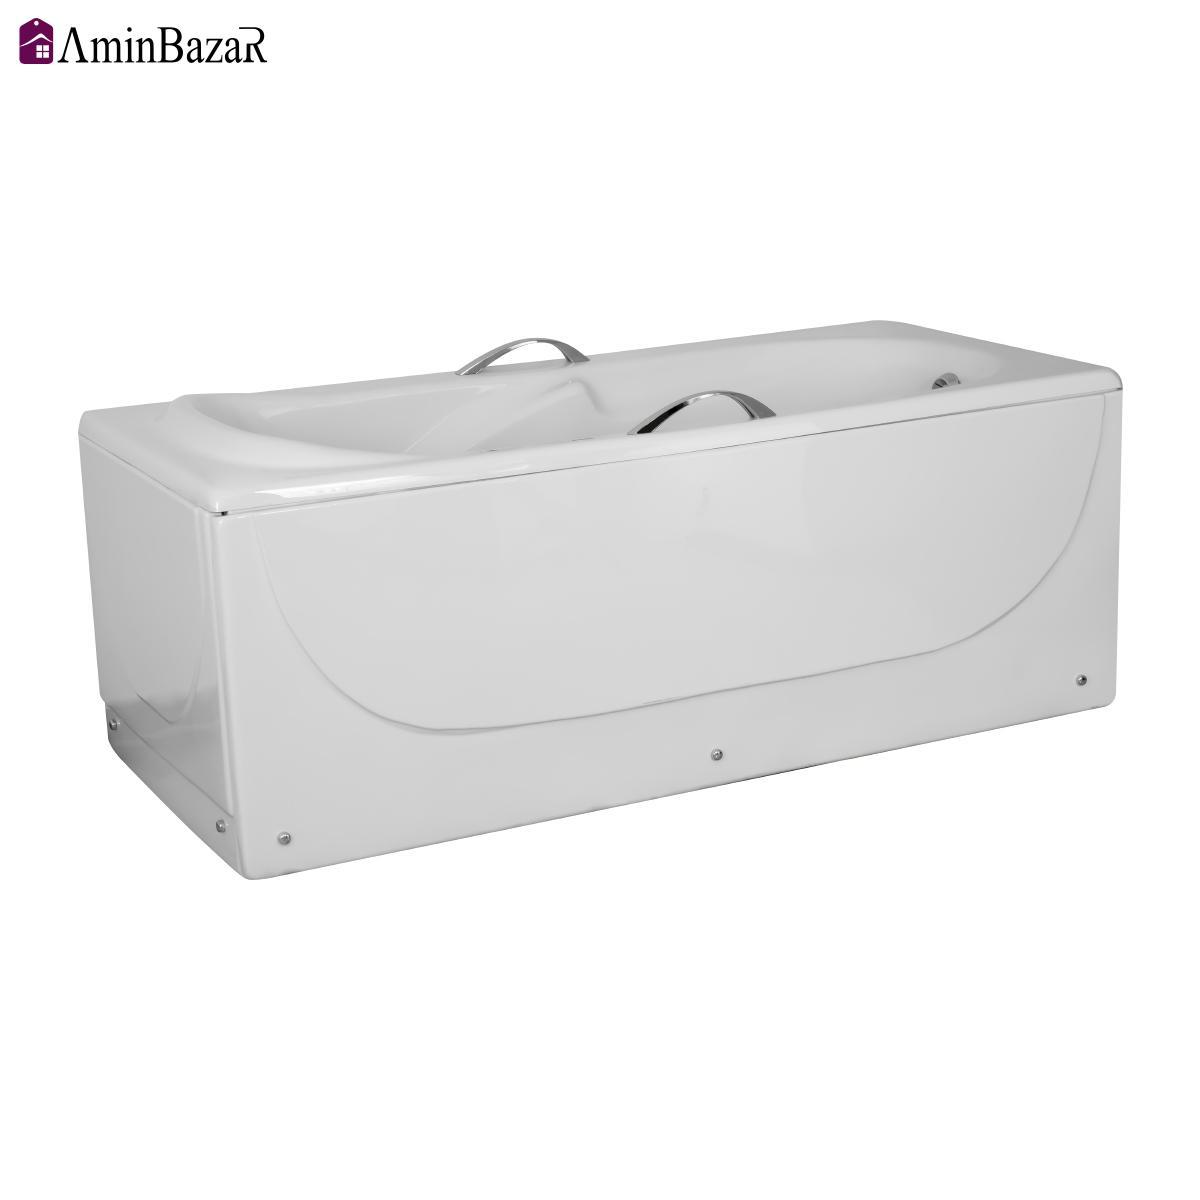 وان حمام سنی پلاستیک مدل اطلس با شاسی و پانل اندازه 150 * 70سانتیمتر